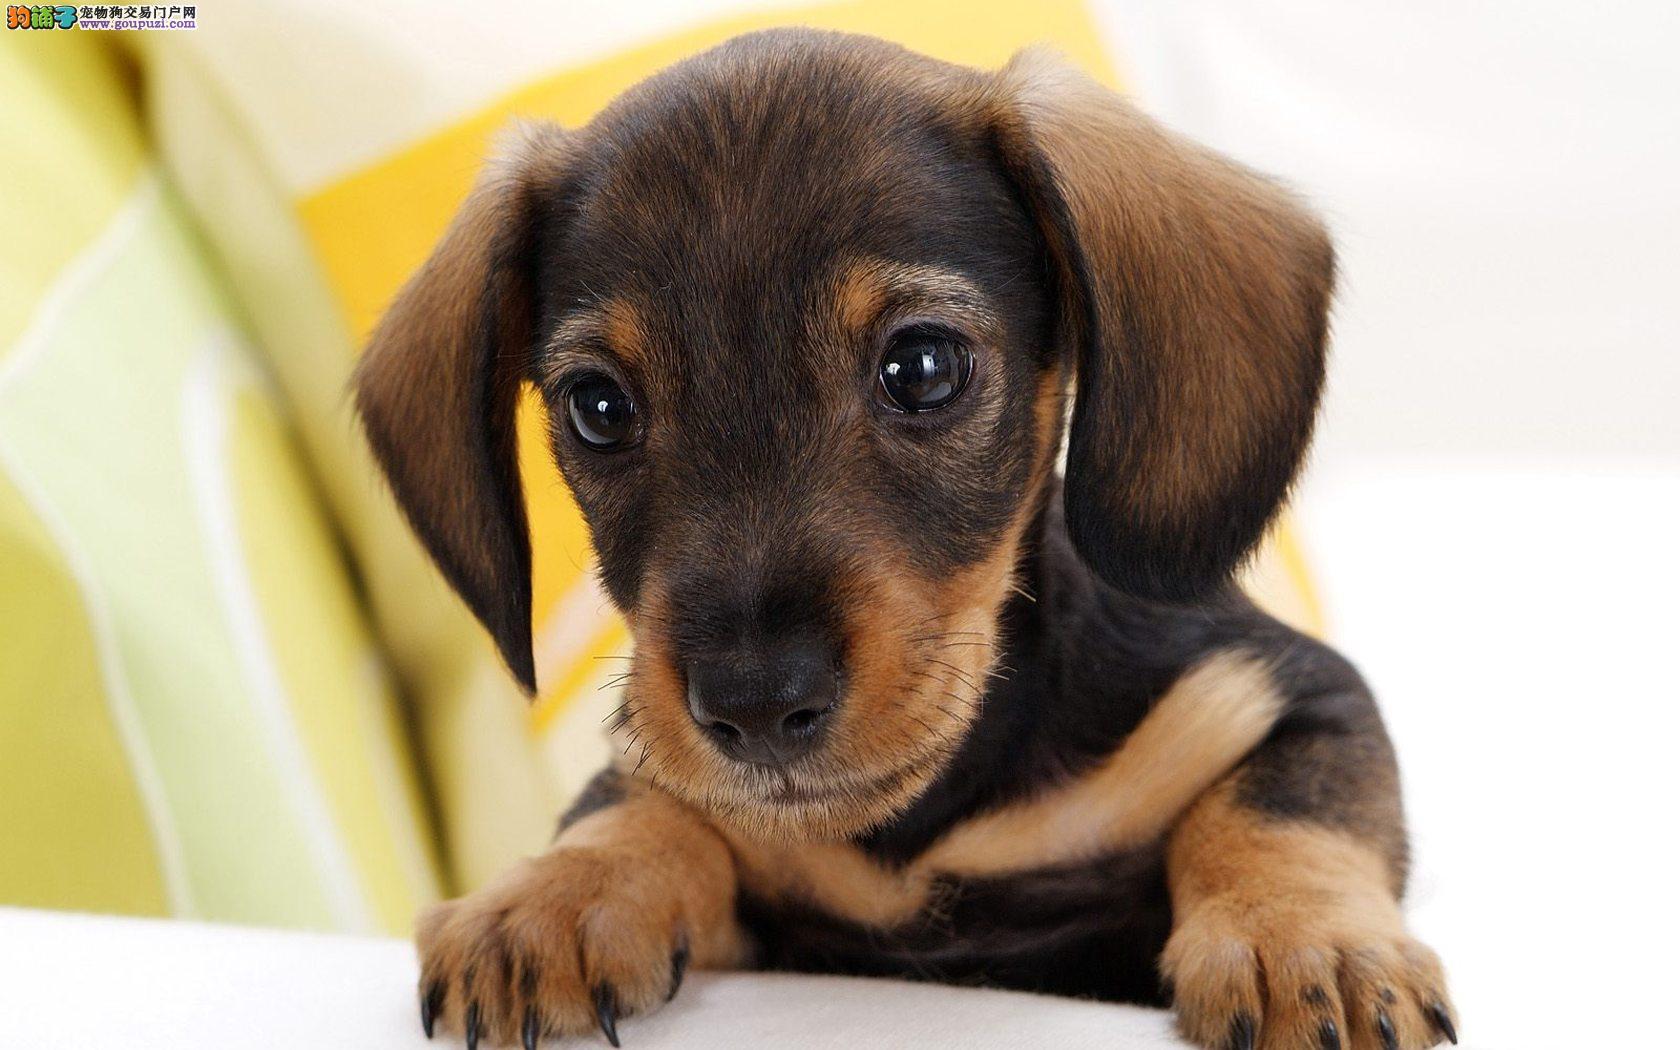 合肥本地出售高品质腊肠犬宝宝假一赔万签活体协议